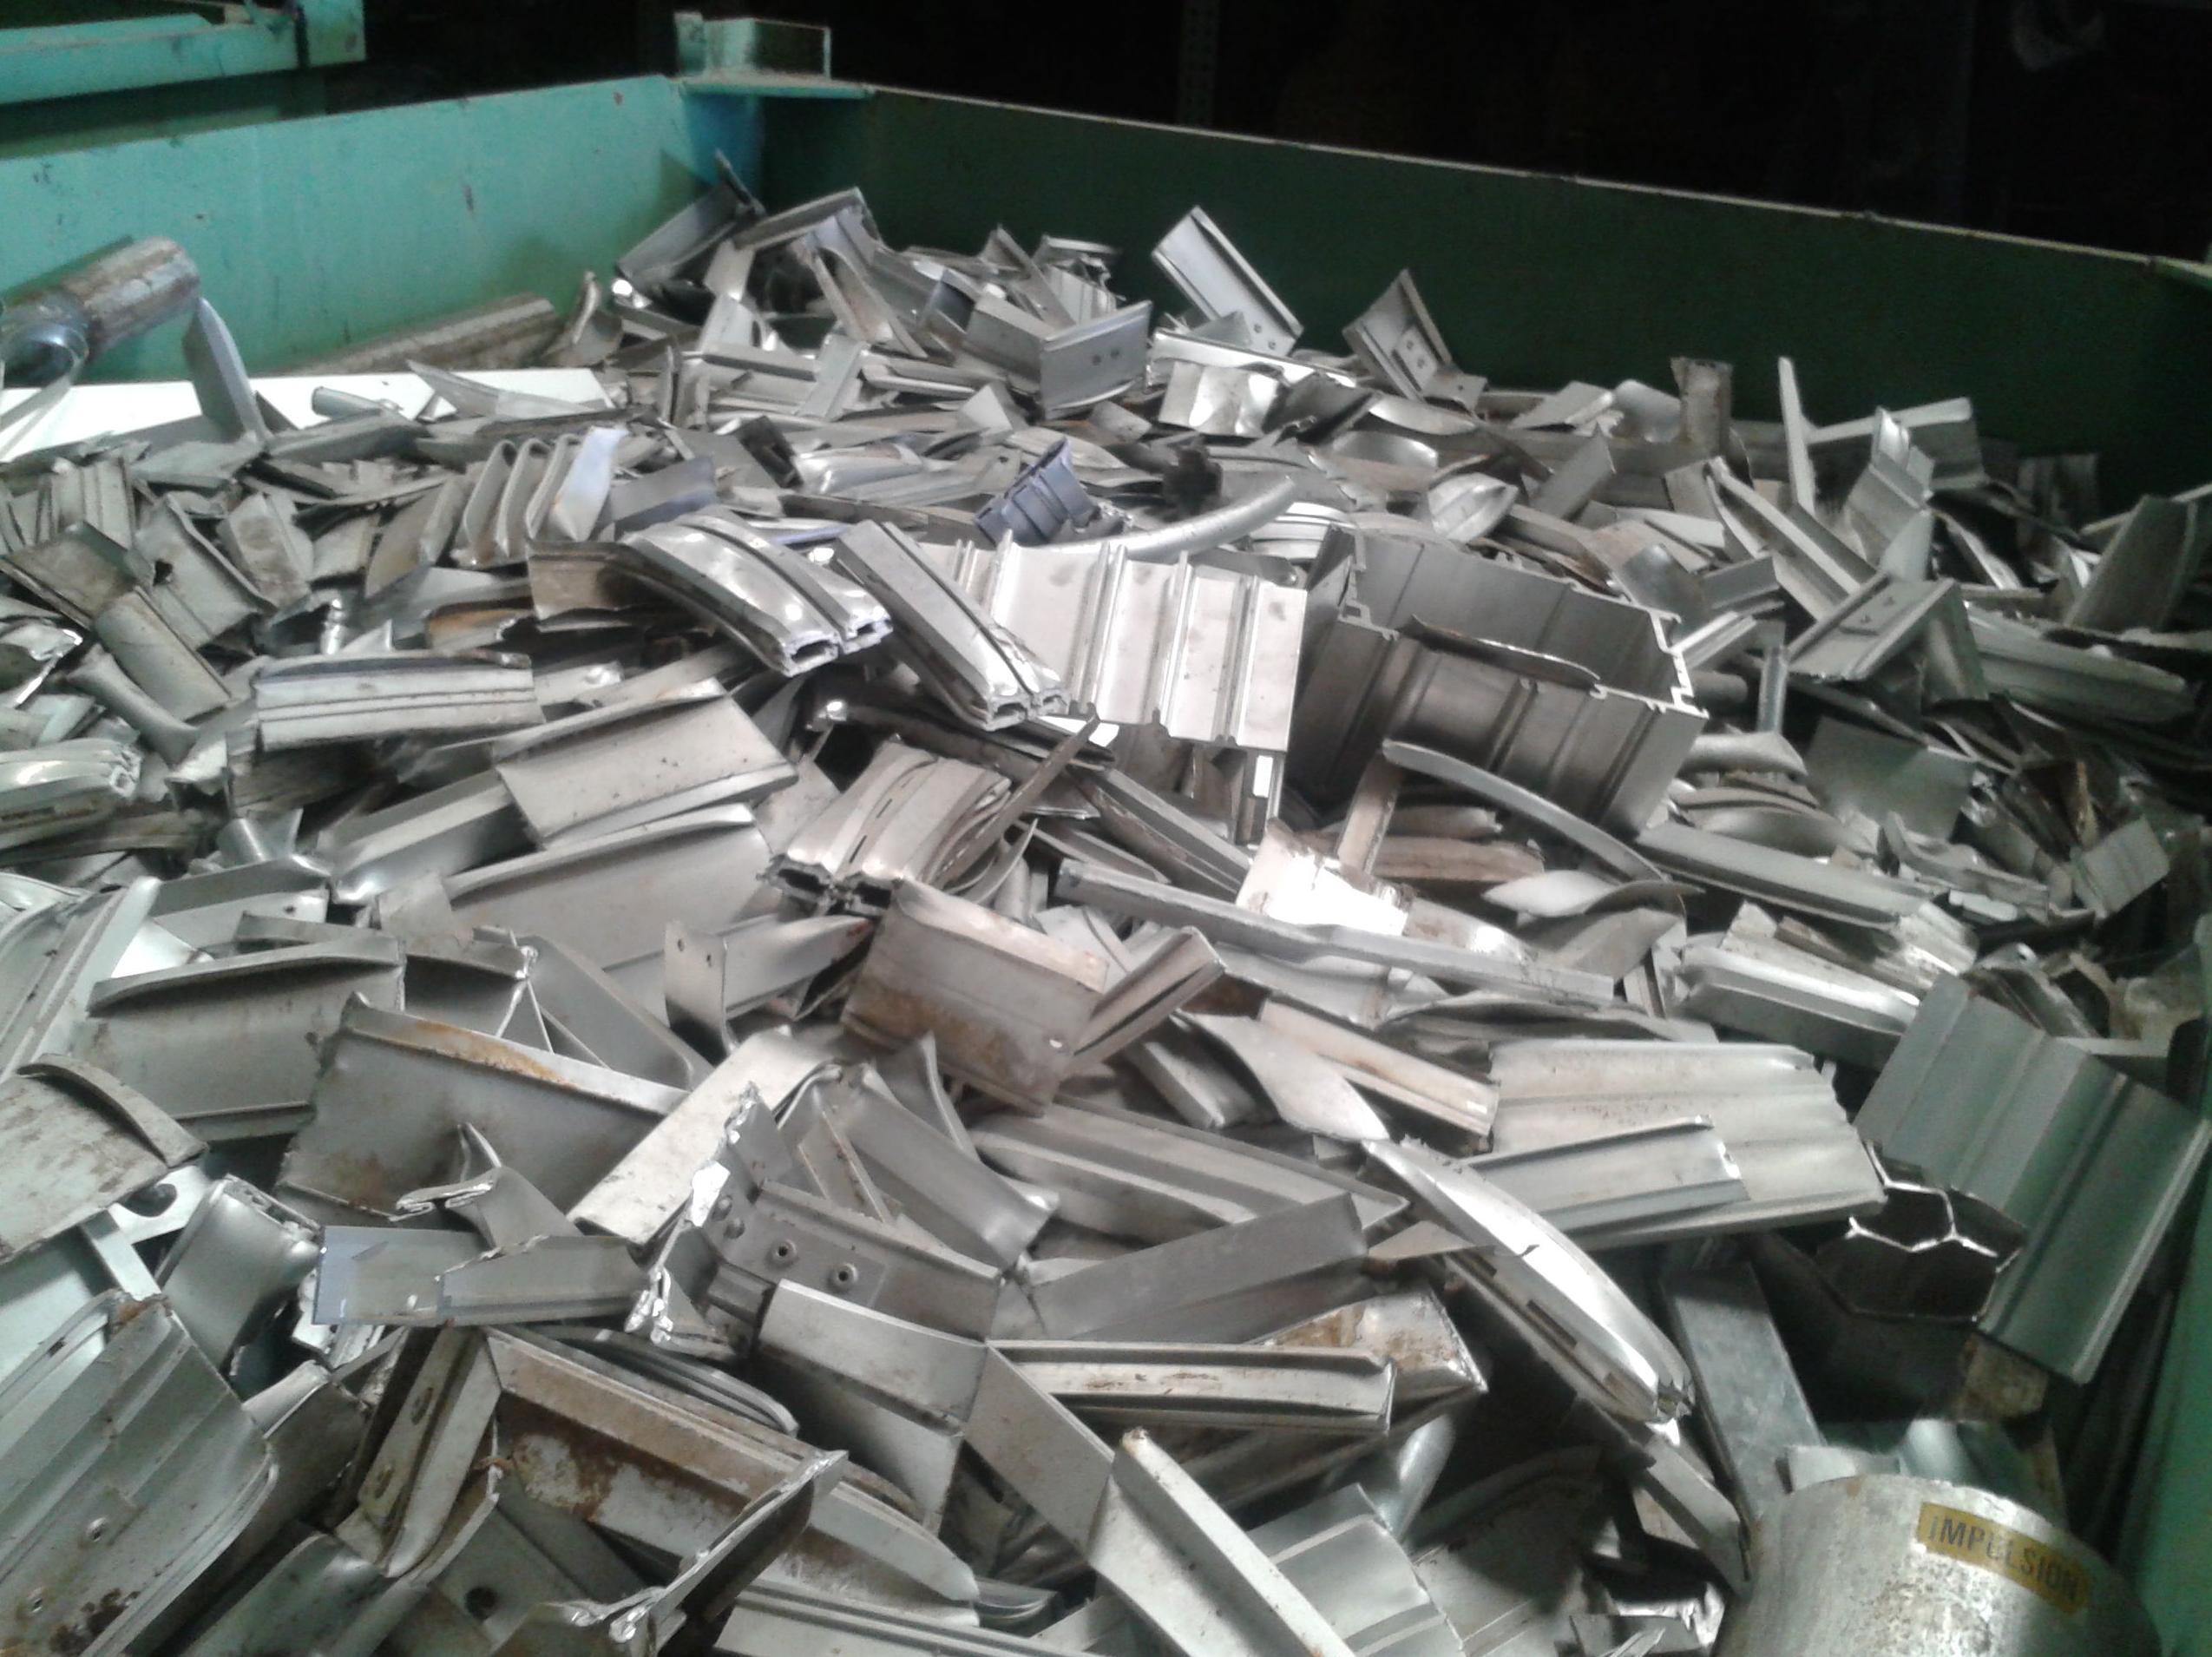 compra de aluminio de carter y perfil en albacete. chatarras clemente